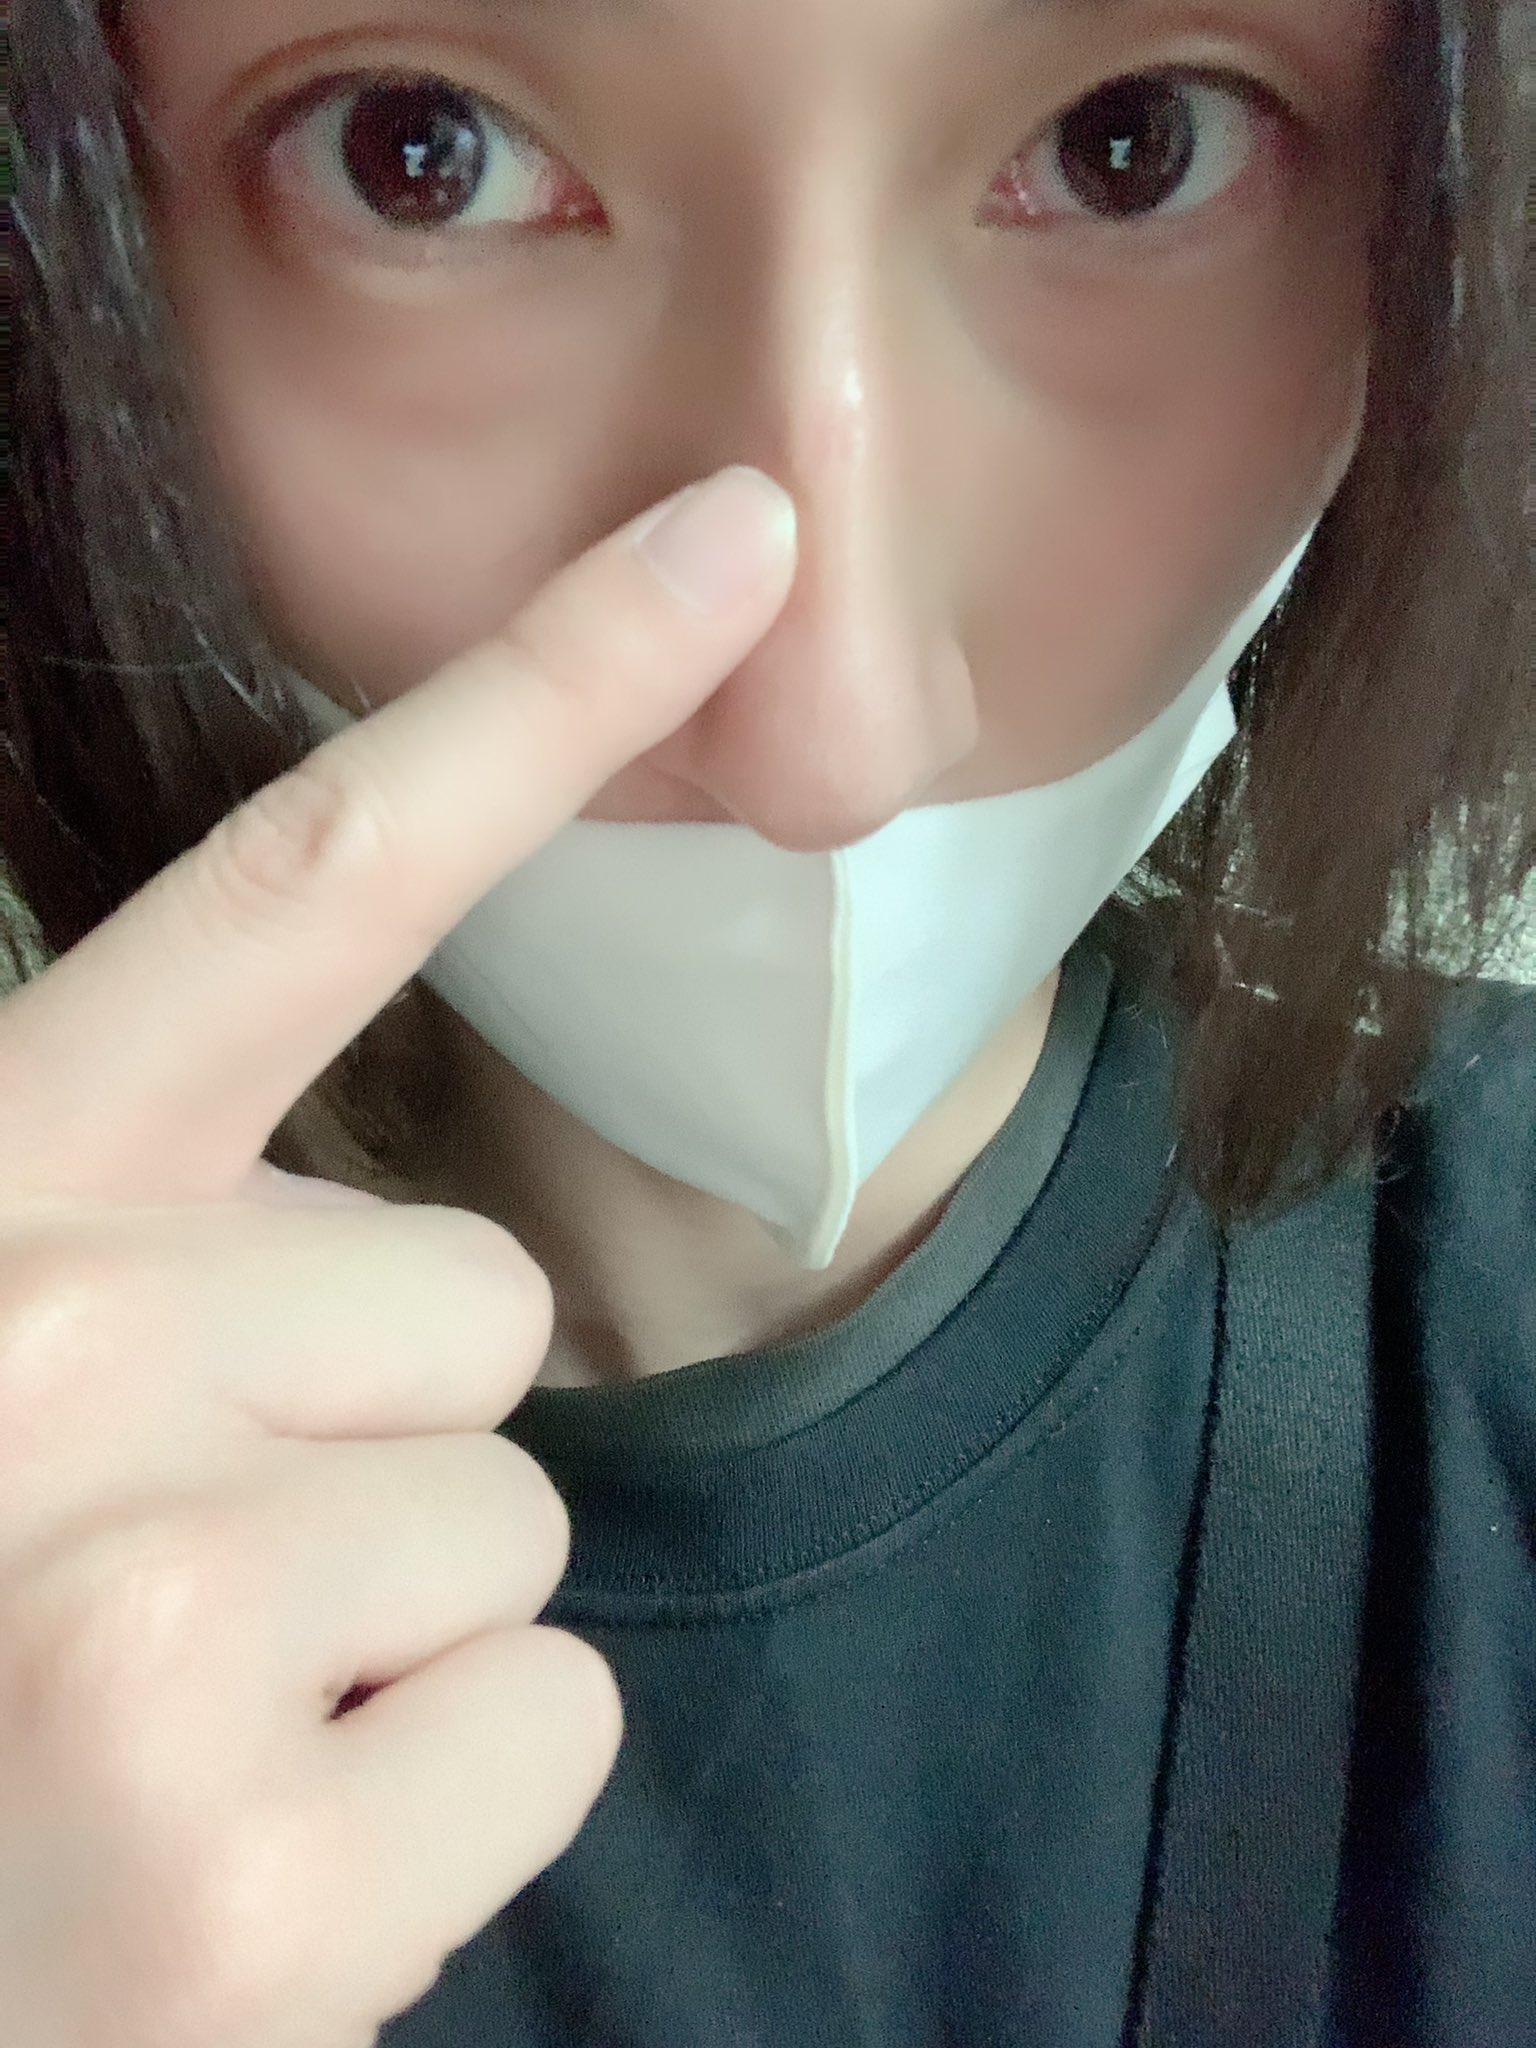 マスク 鼻 高い